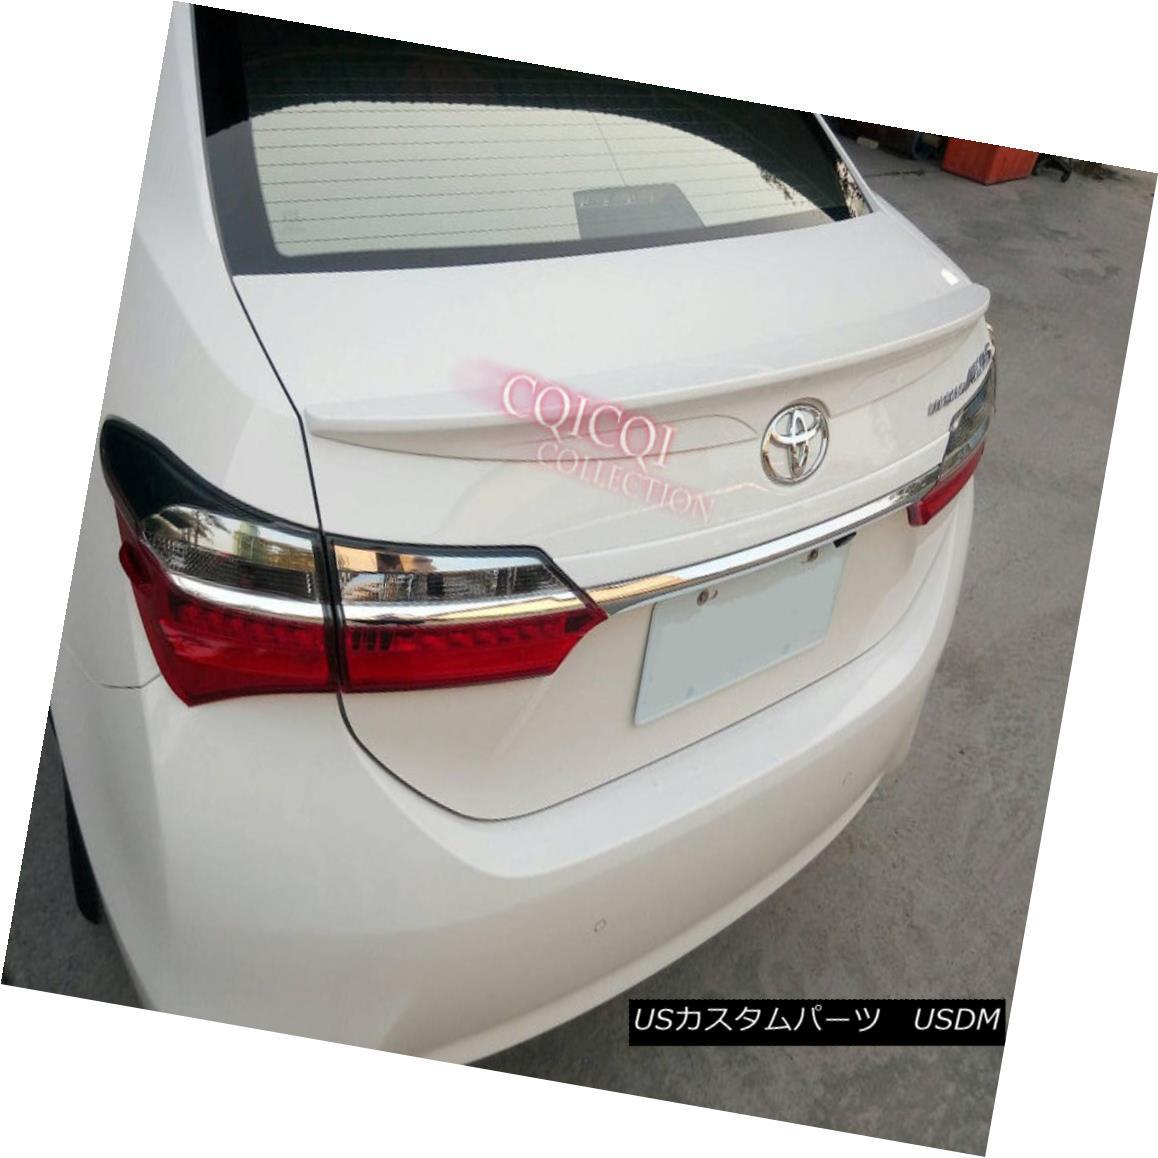 エアロパーツ Painted trunk spoiler for TOYOTA 13-17 corolla sedan altis E170 color:040 white◎ TOYOTA 13-17花輪セダンアルティスE170の塗装トランク・スポイラーの色:040白?